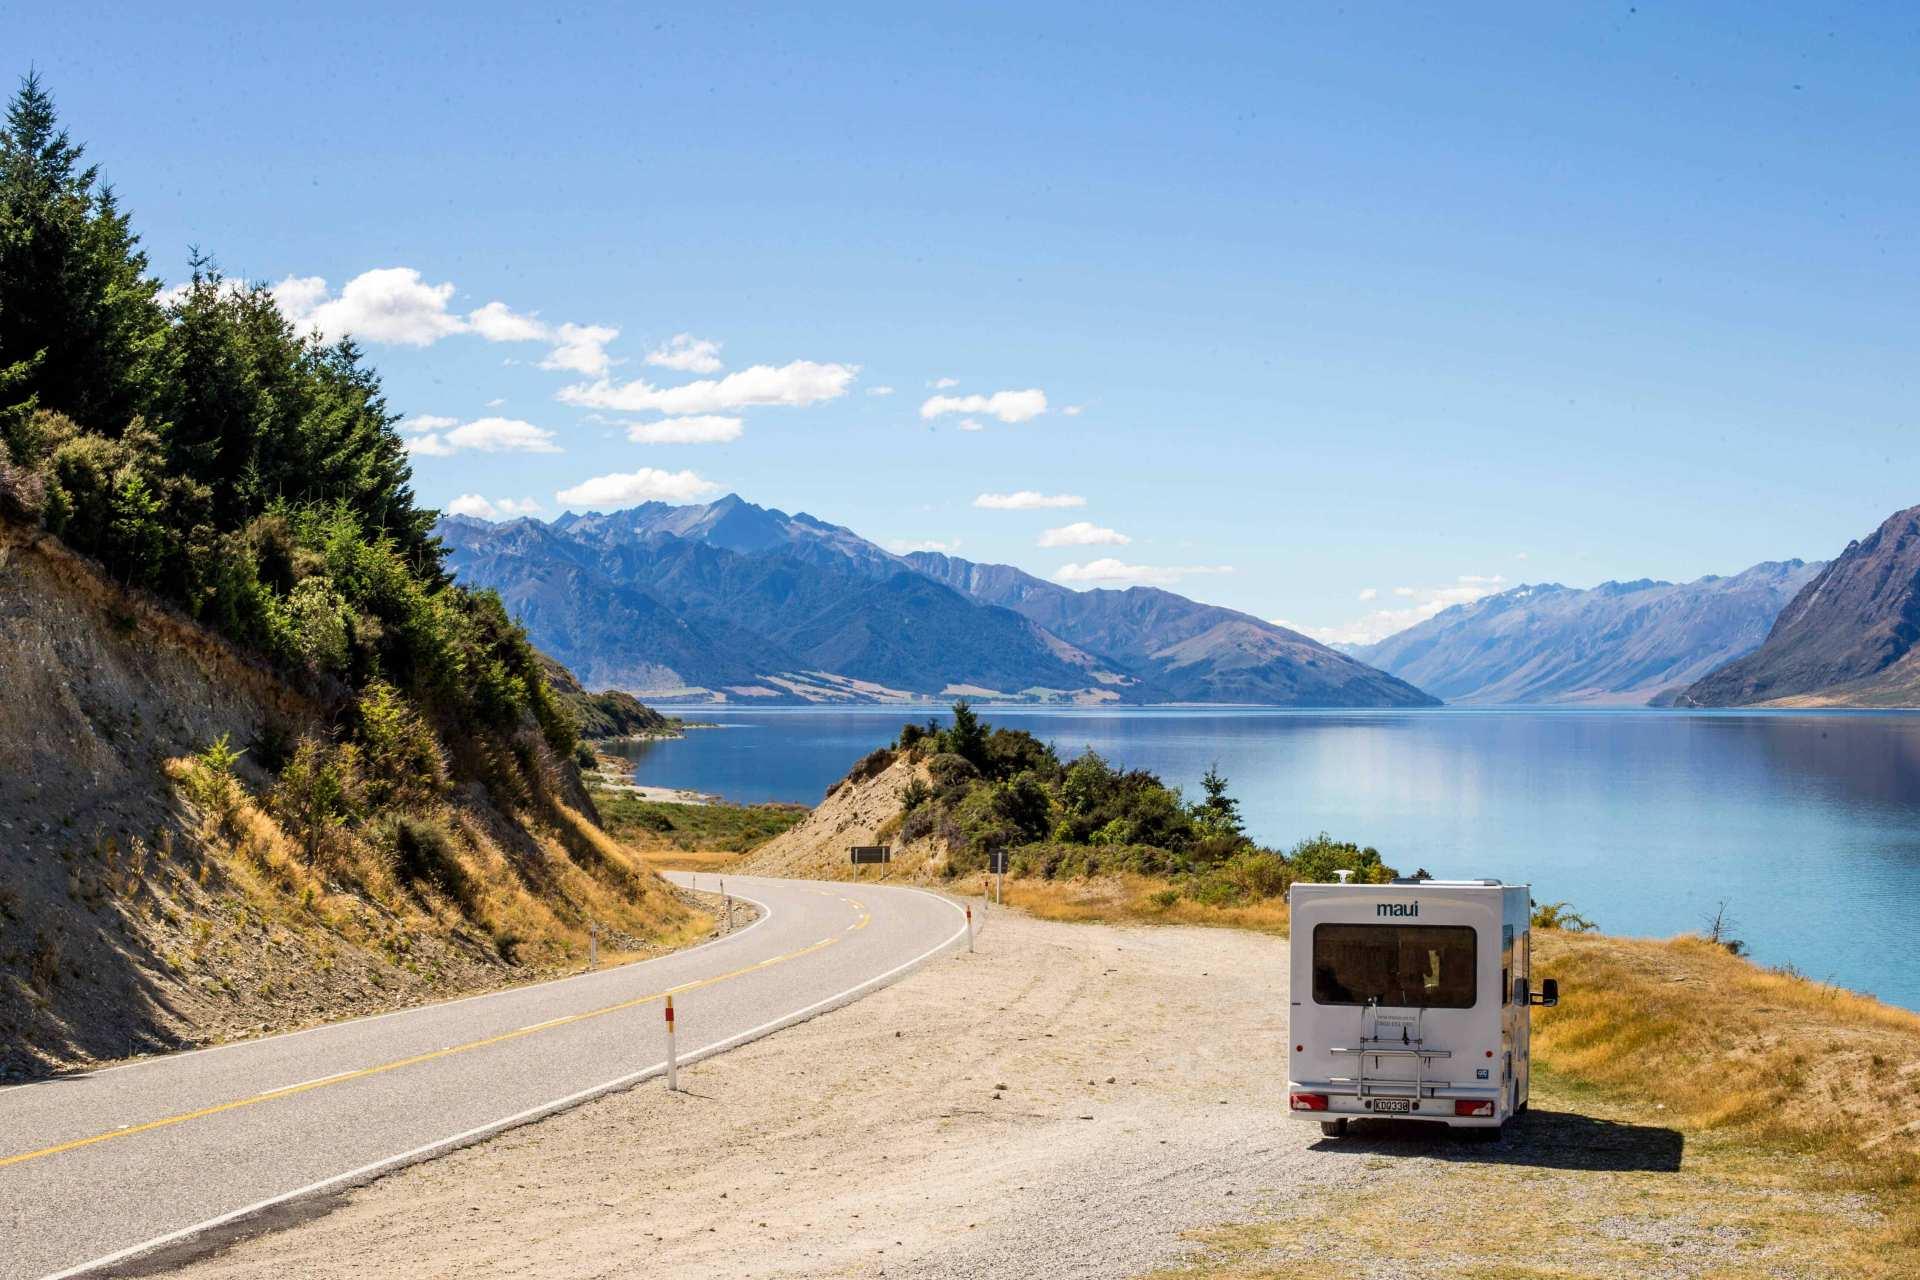 【紐西蘭租車】MAUI 四人座瀑布型露營車(皇后鎮取 / 基督城還)